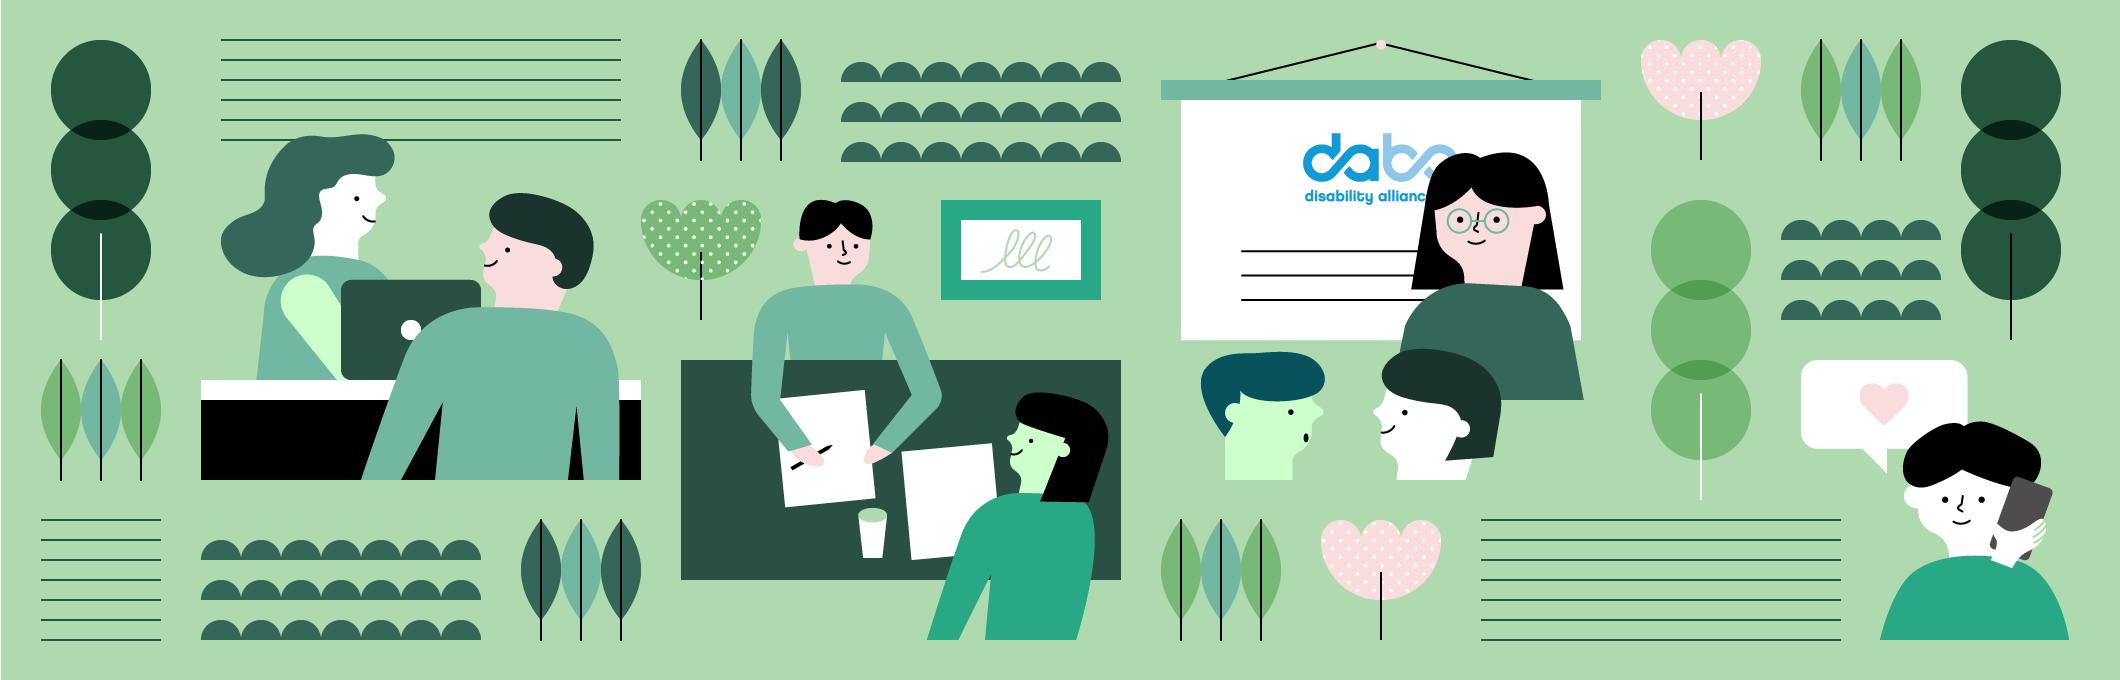 DABC_services_2x_v2